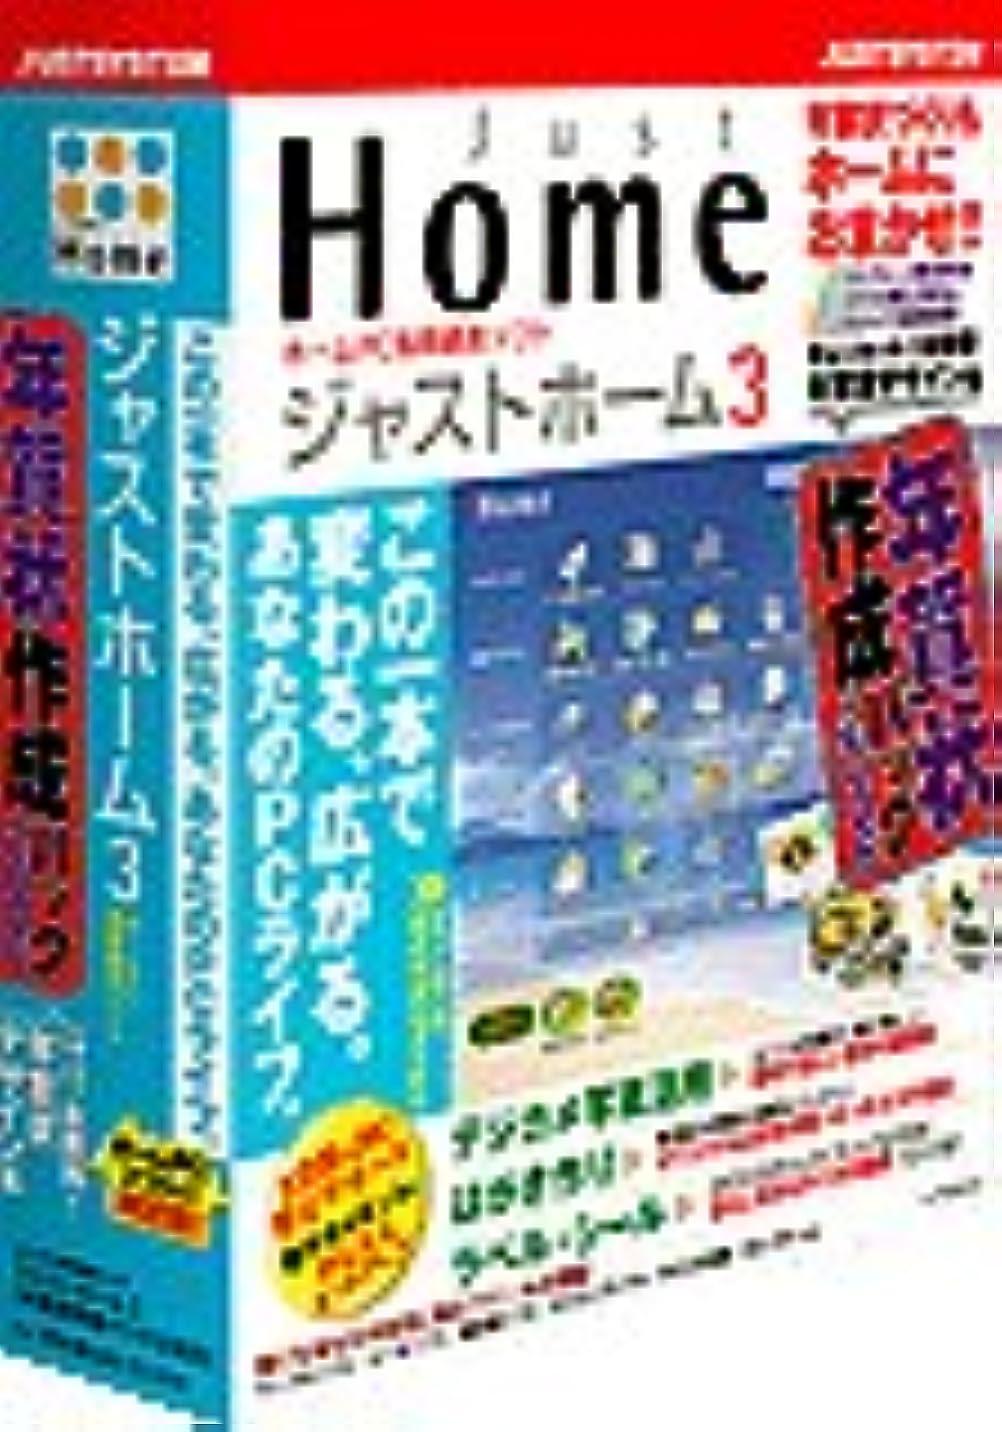 配る傑出した誘惑ジャストホーム 3 年賀状作成パック 2006 for Windows CD-ROM